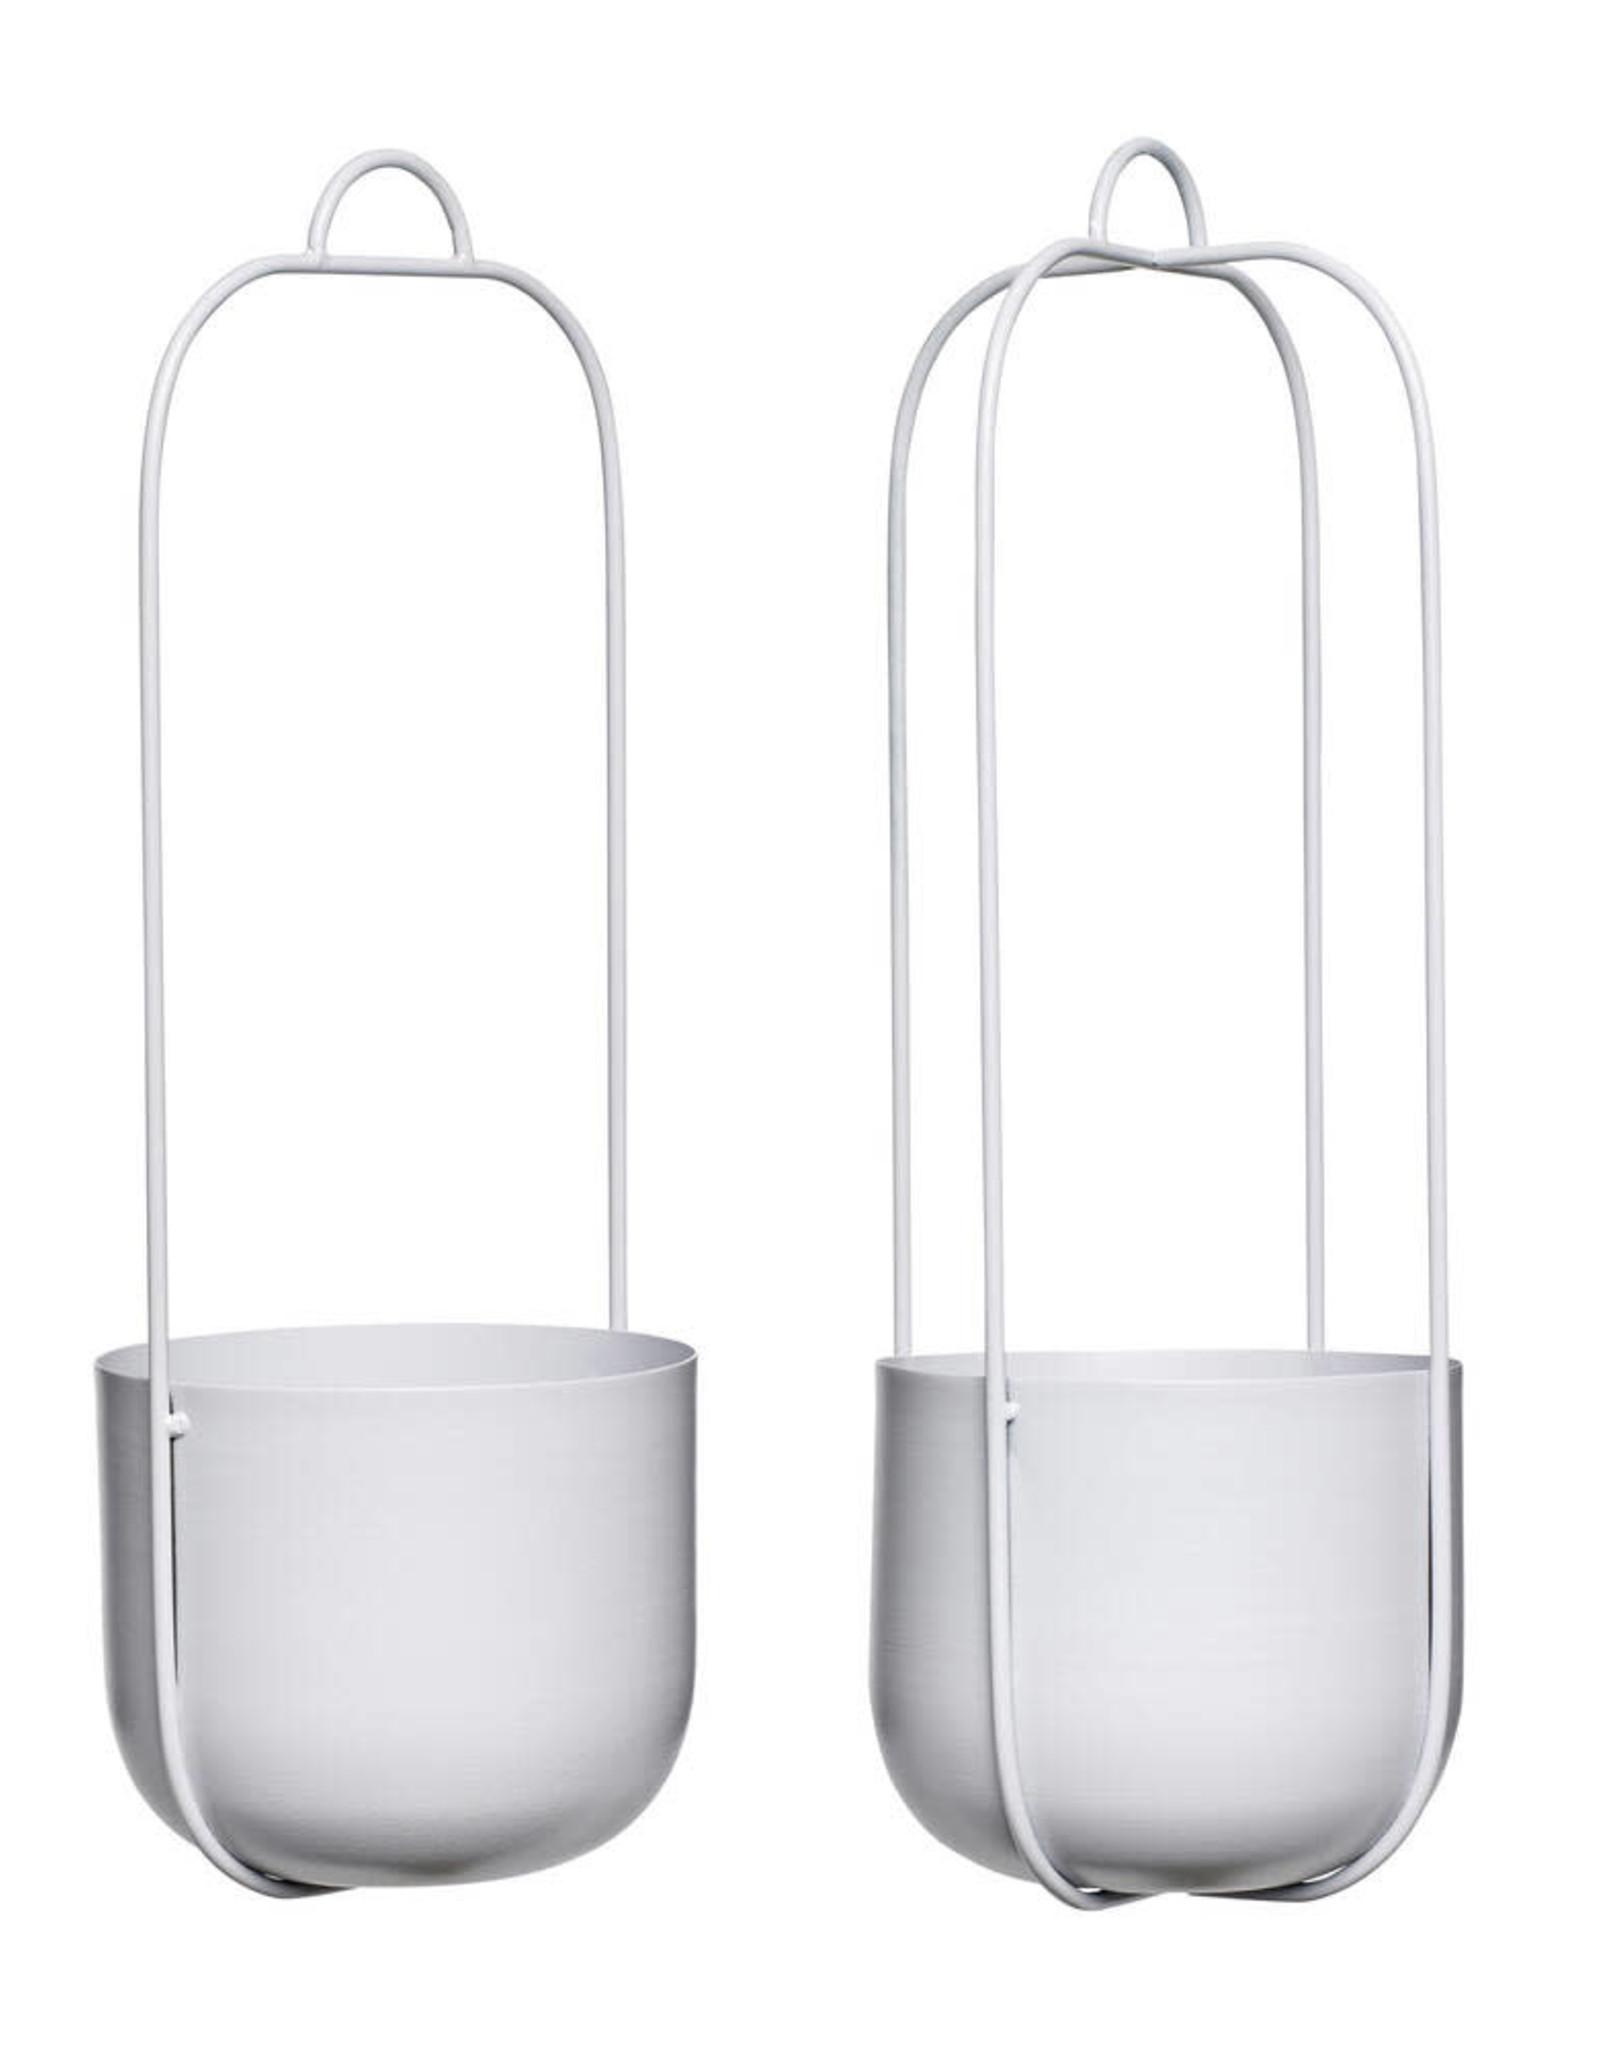 Hübsch Hanging pot - Grey 16xh44 [4]